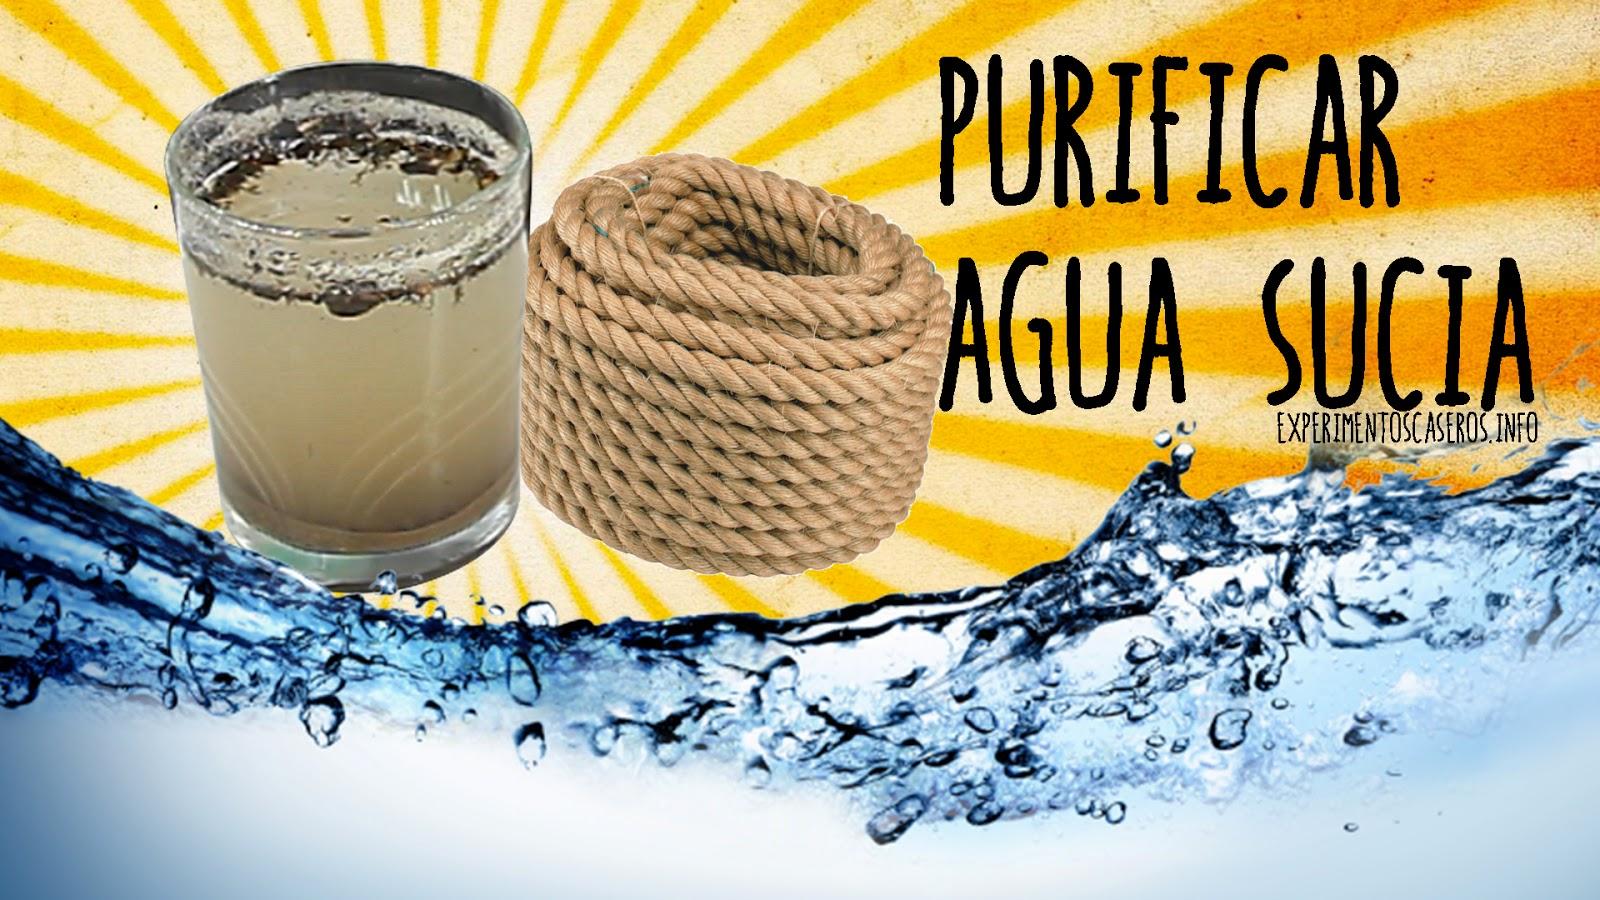 Cómo purificar agua sucia con una cuerda, supervivencia para un apocalipsis zombie, experimentos caseros, experimentos sencillos, experimentos fáciles, experimentos para niños, ciencia, ciencia en casa